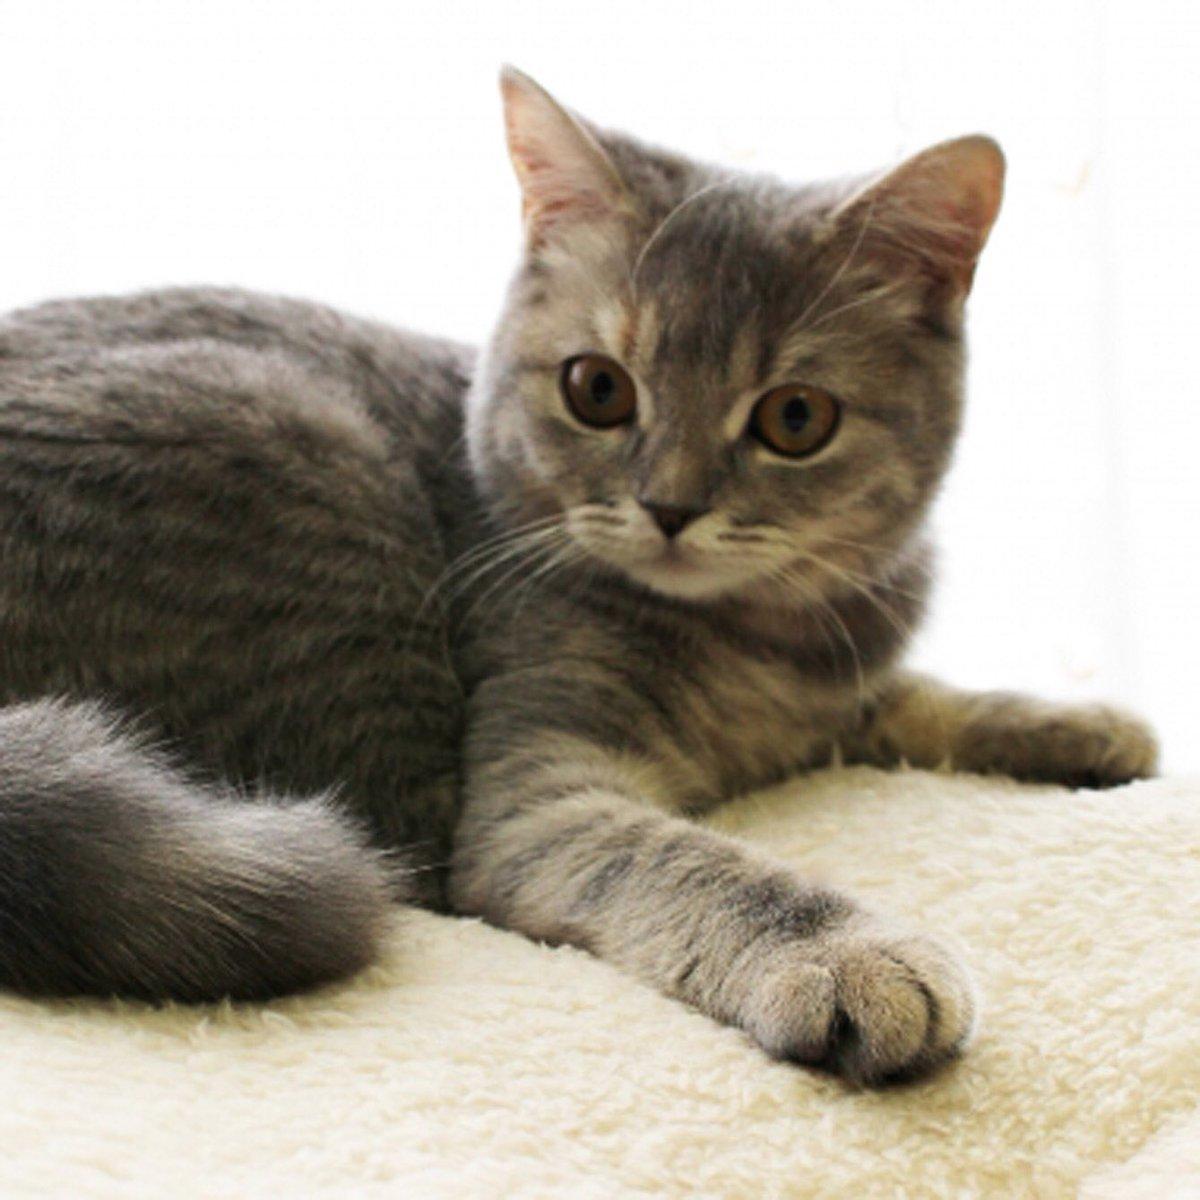 かわいいにゃんこ♪ #ハニーペット #HONEYPET #honeypet #猫 #ねこ #ねこ部 #にゃんすたぐらむ #にゃんこ #子猫 #ネコ #ねこのいる生活 #ねこのきもち #ねこのいる暮らし #kitty #catstagram #petstagram #instacat #meow #instagood #follow #followme https://t.co/2IrjaImsNu